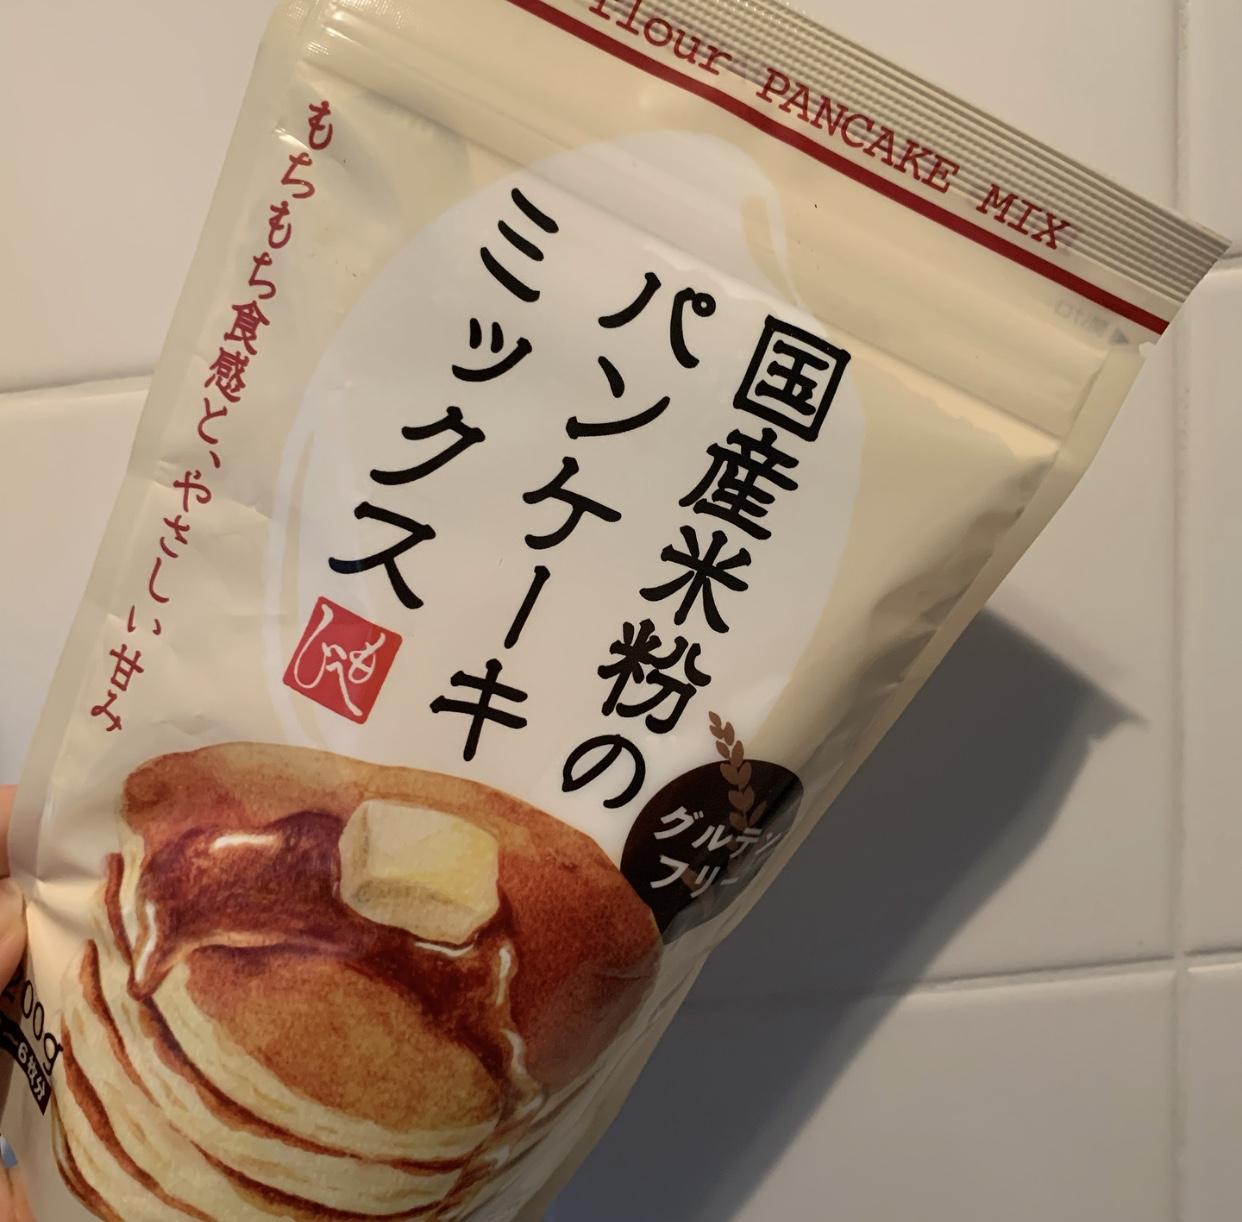 【おうち時間】簡単!!!米粉で作るパンケーキ⑅︎◡̈︎*皆さんはどんなパンケーキが好きですか?_5